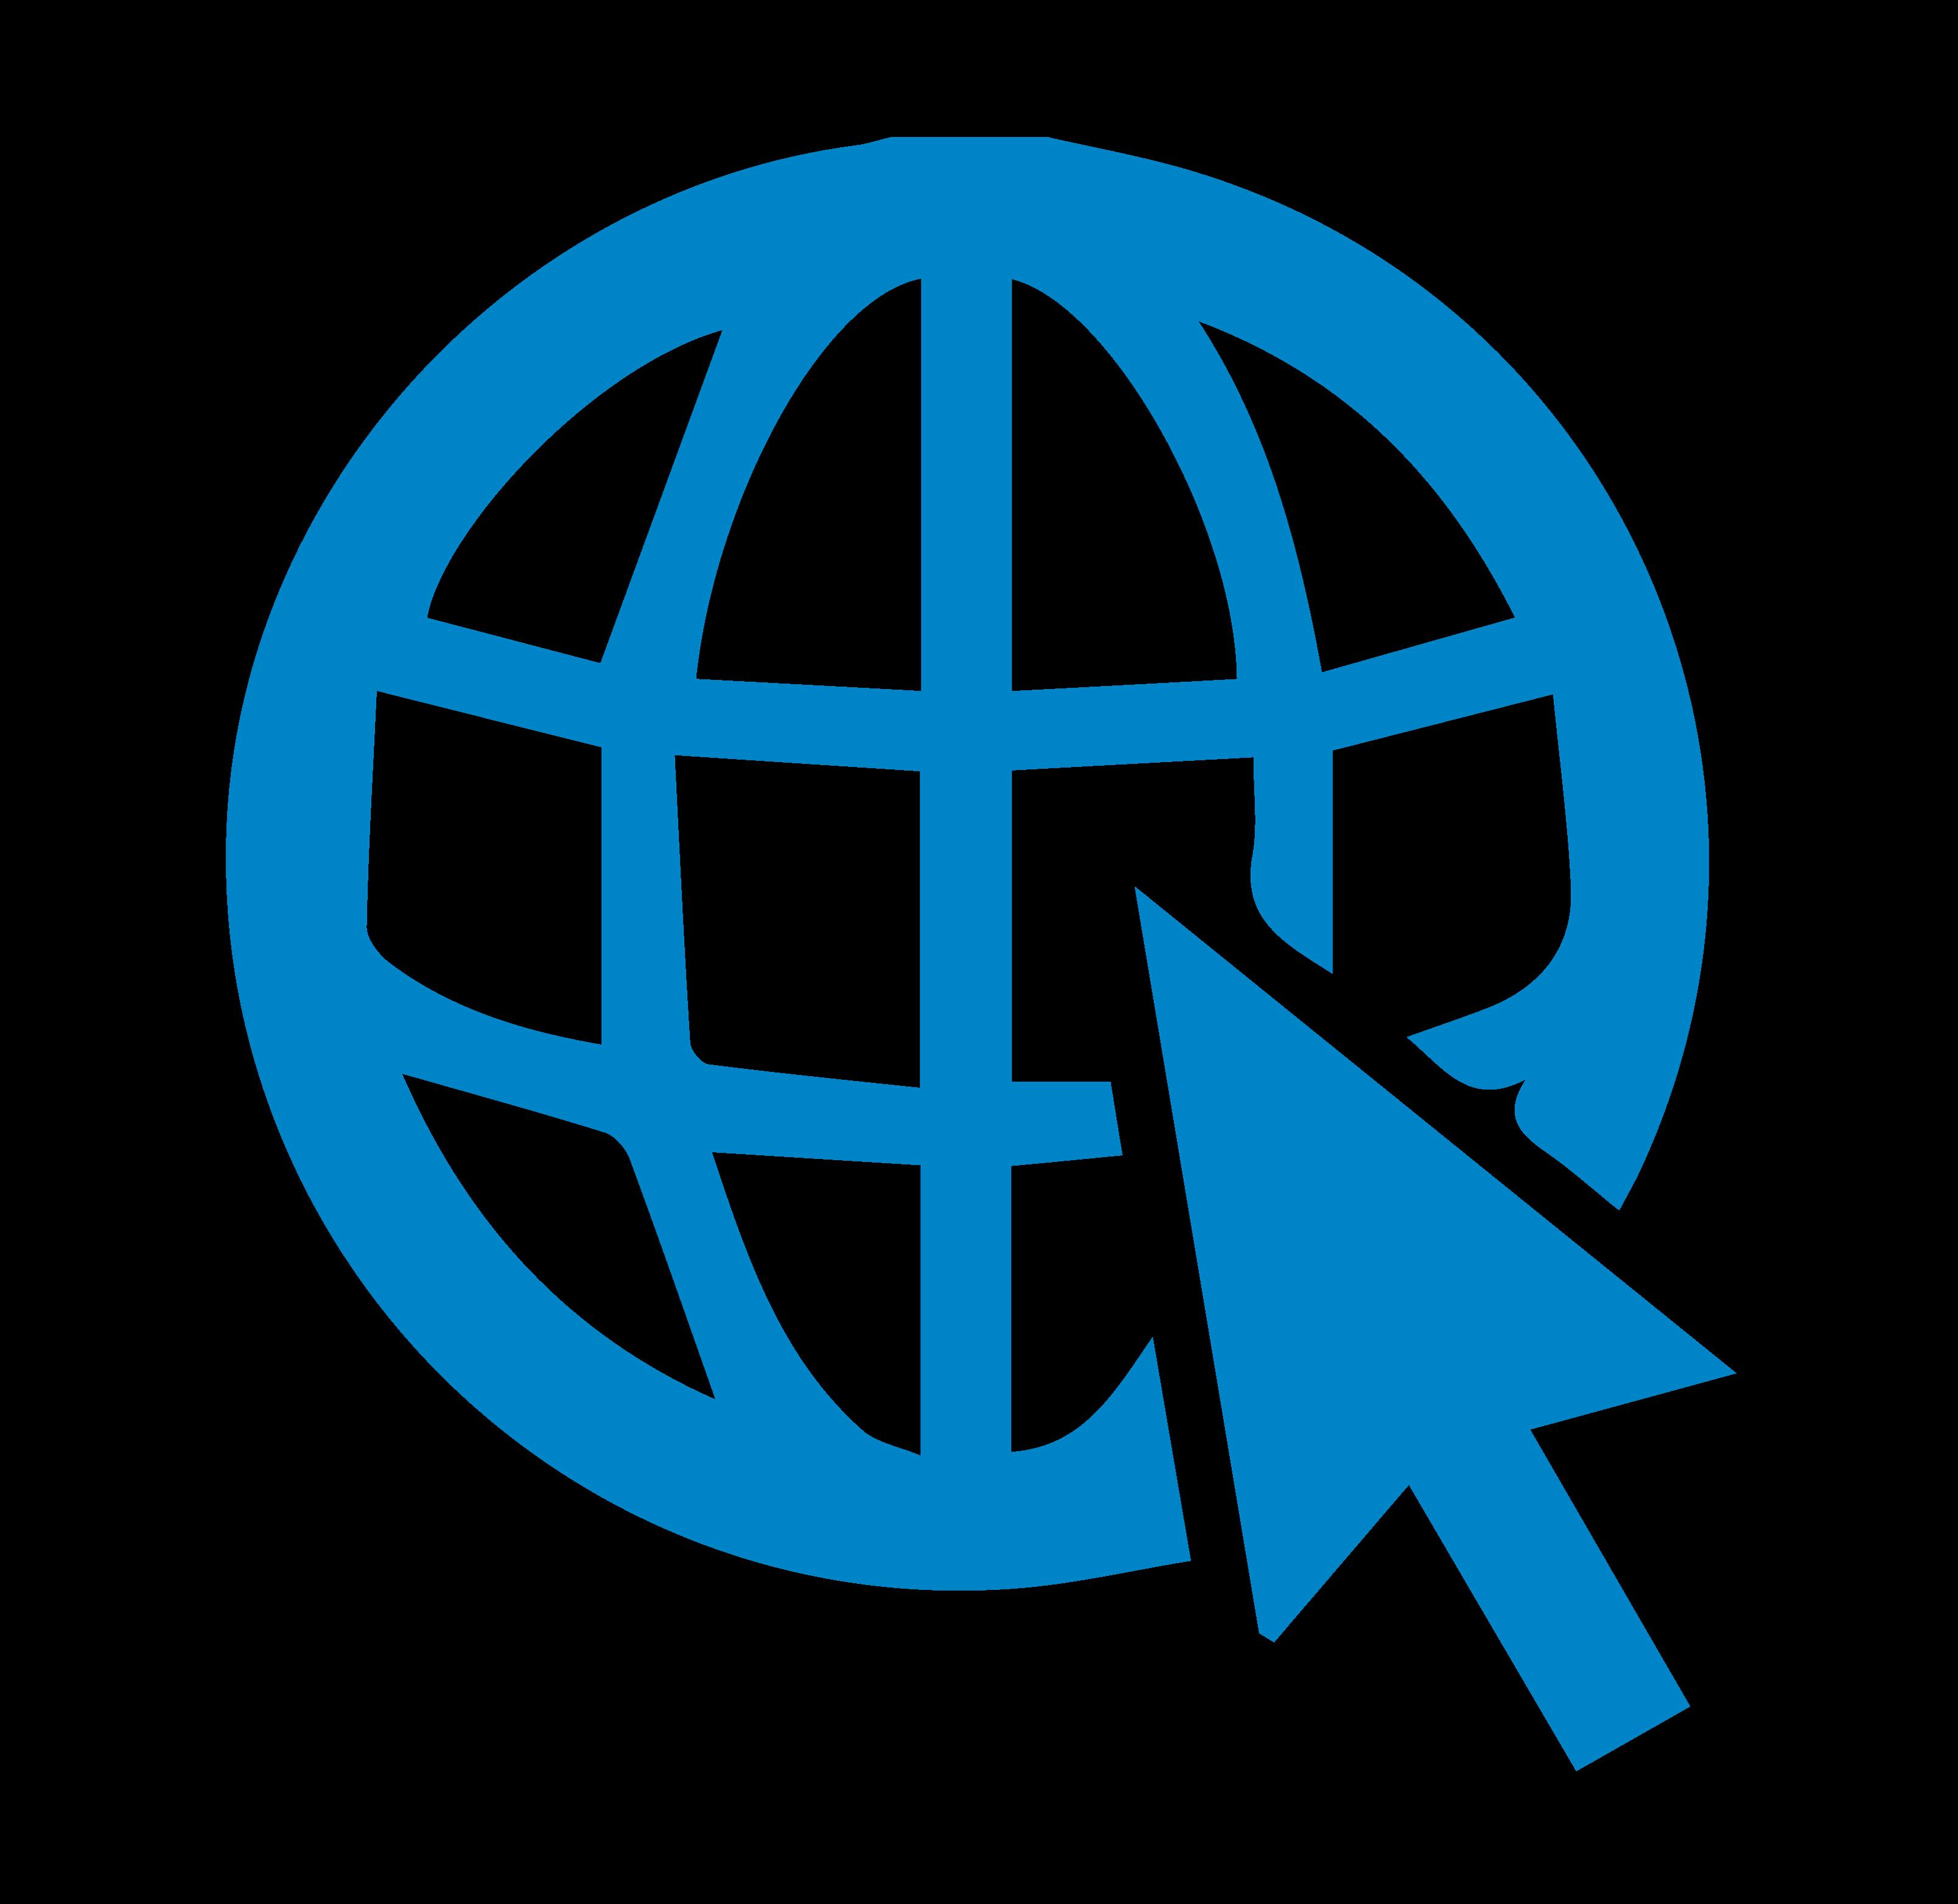 Website Transparent Logo Png Images.